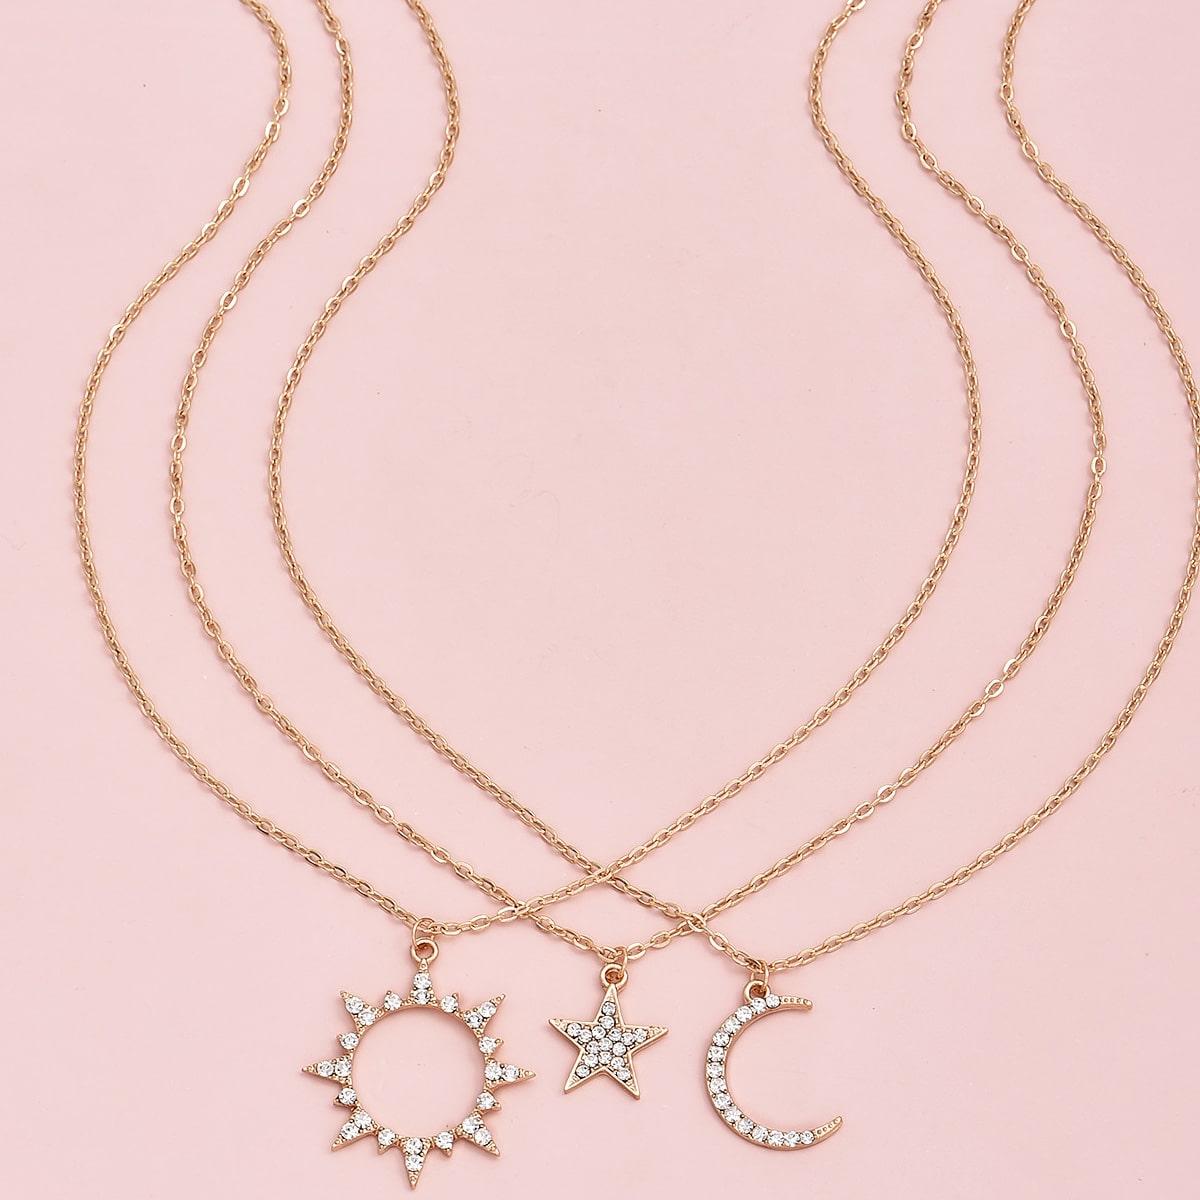 SHEIN / 3 Stücke Halskette mit Stern & Mond Anhänger